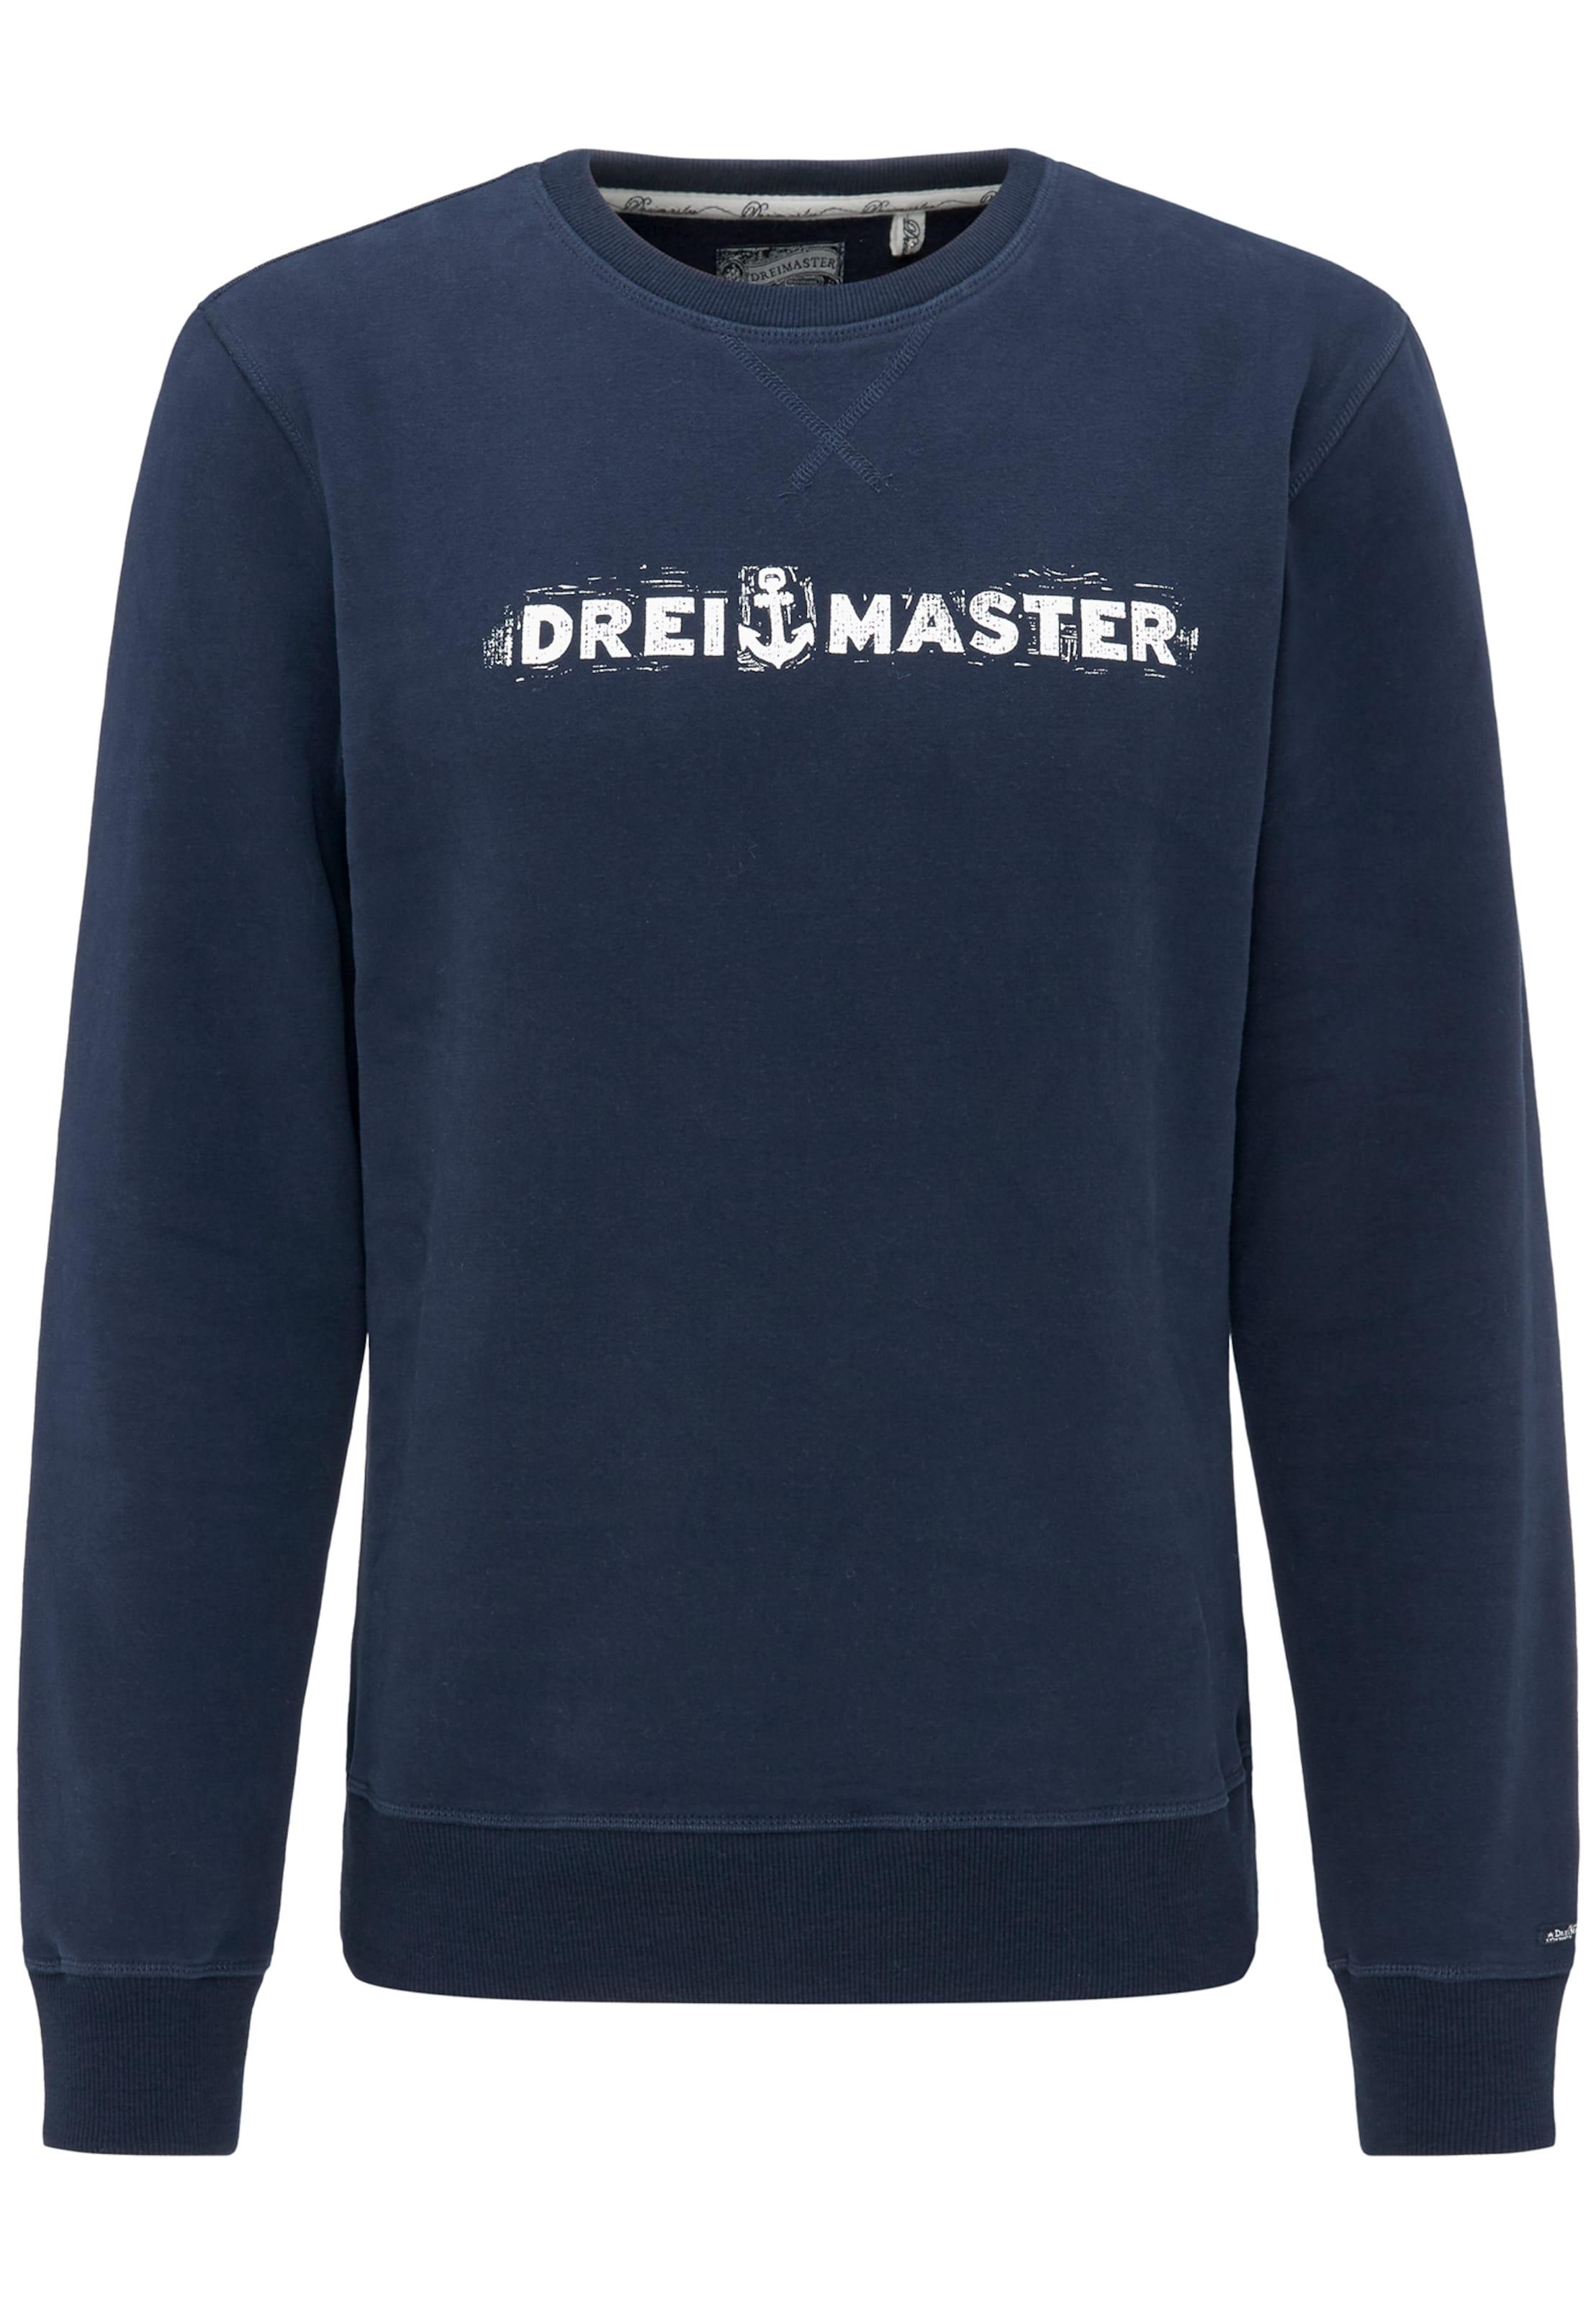 Sweat Bleu En Dreimaster Dreimaster shirt QWrdCoBxeE